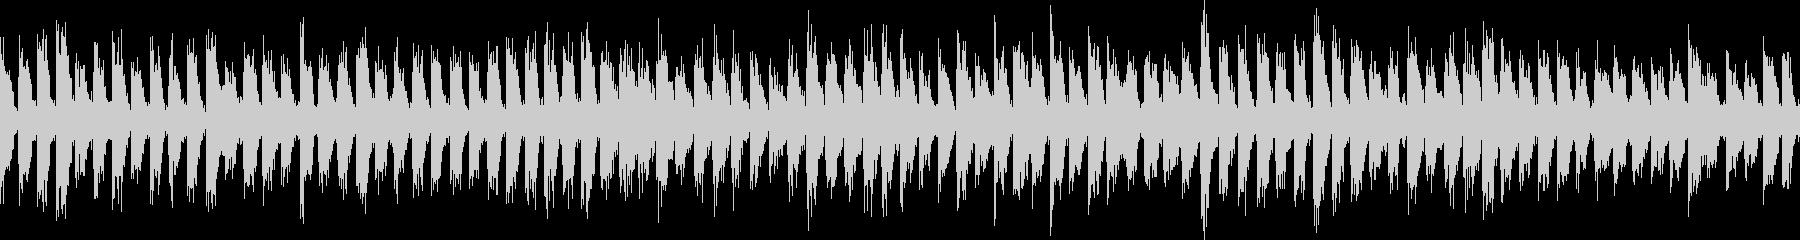 コズミックブギー (ループ仕様)の未再生の波形